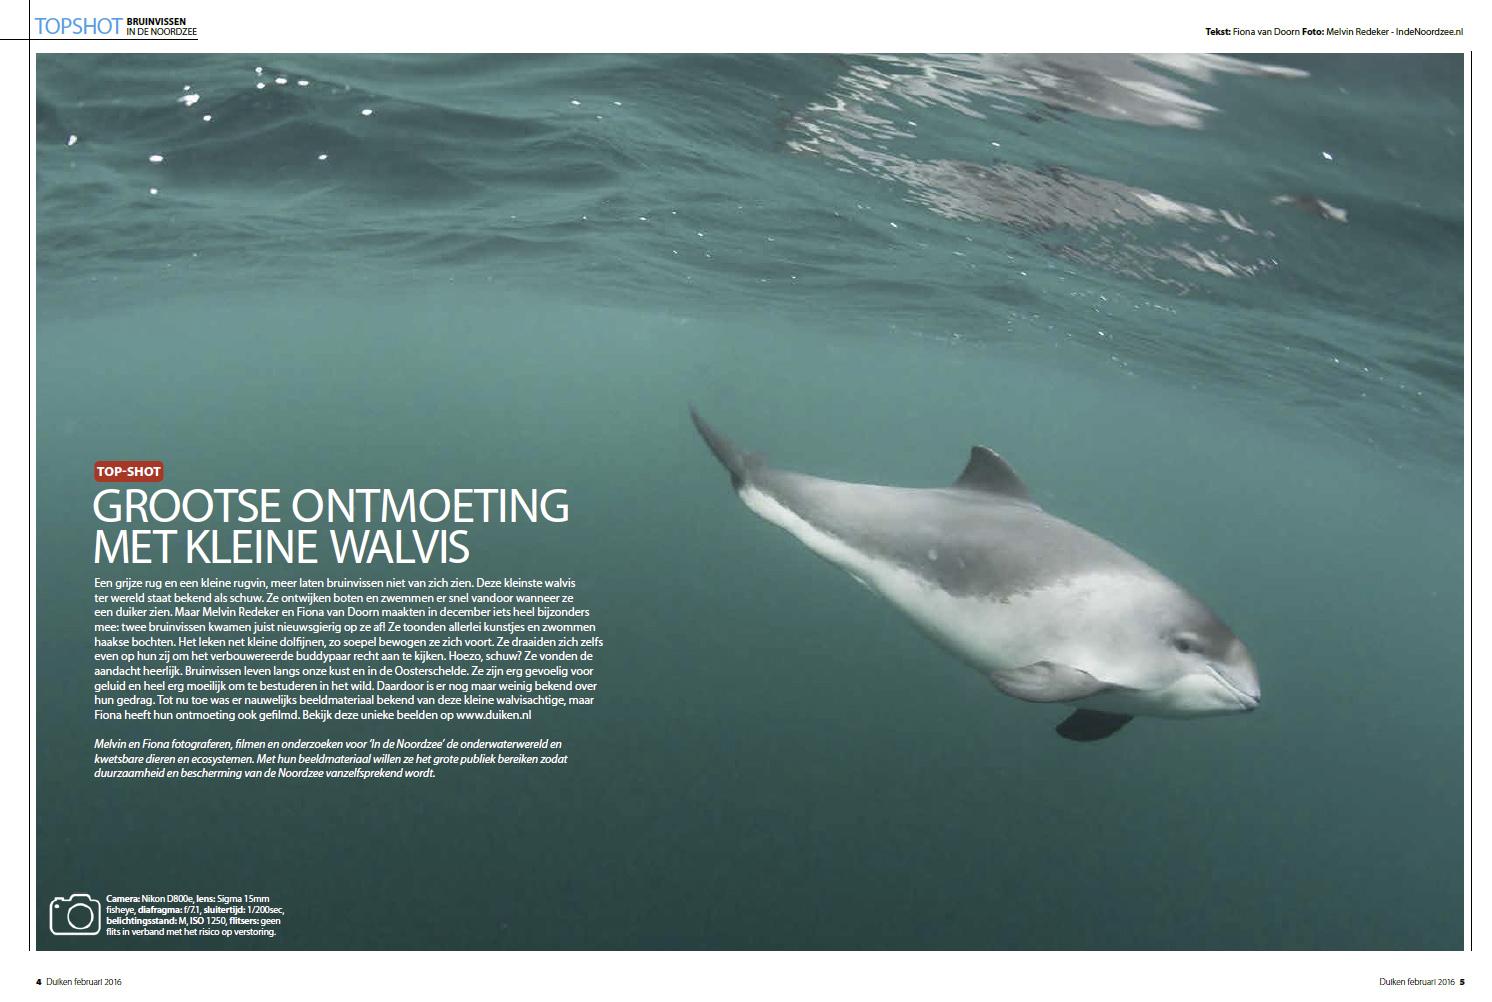 In de Noordzee foto van een bruinvis onder water in Duiken Magazine